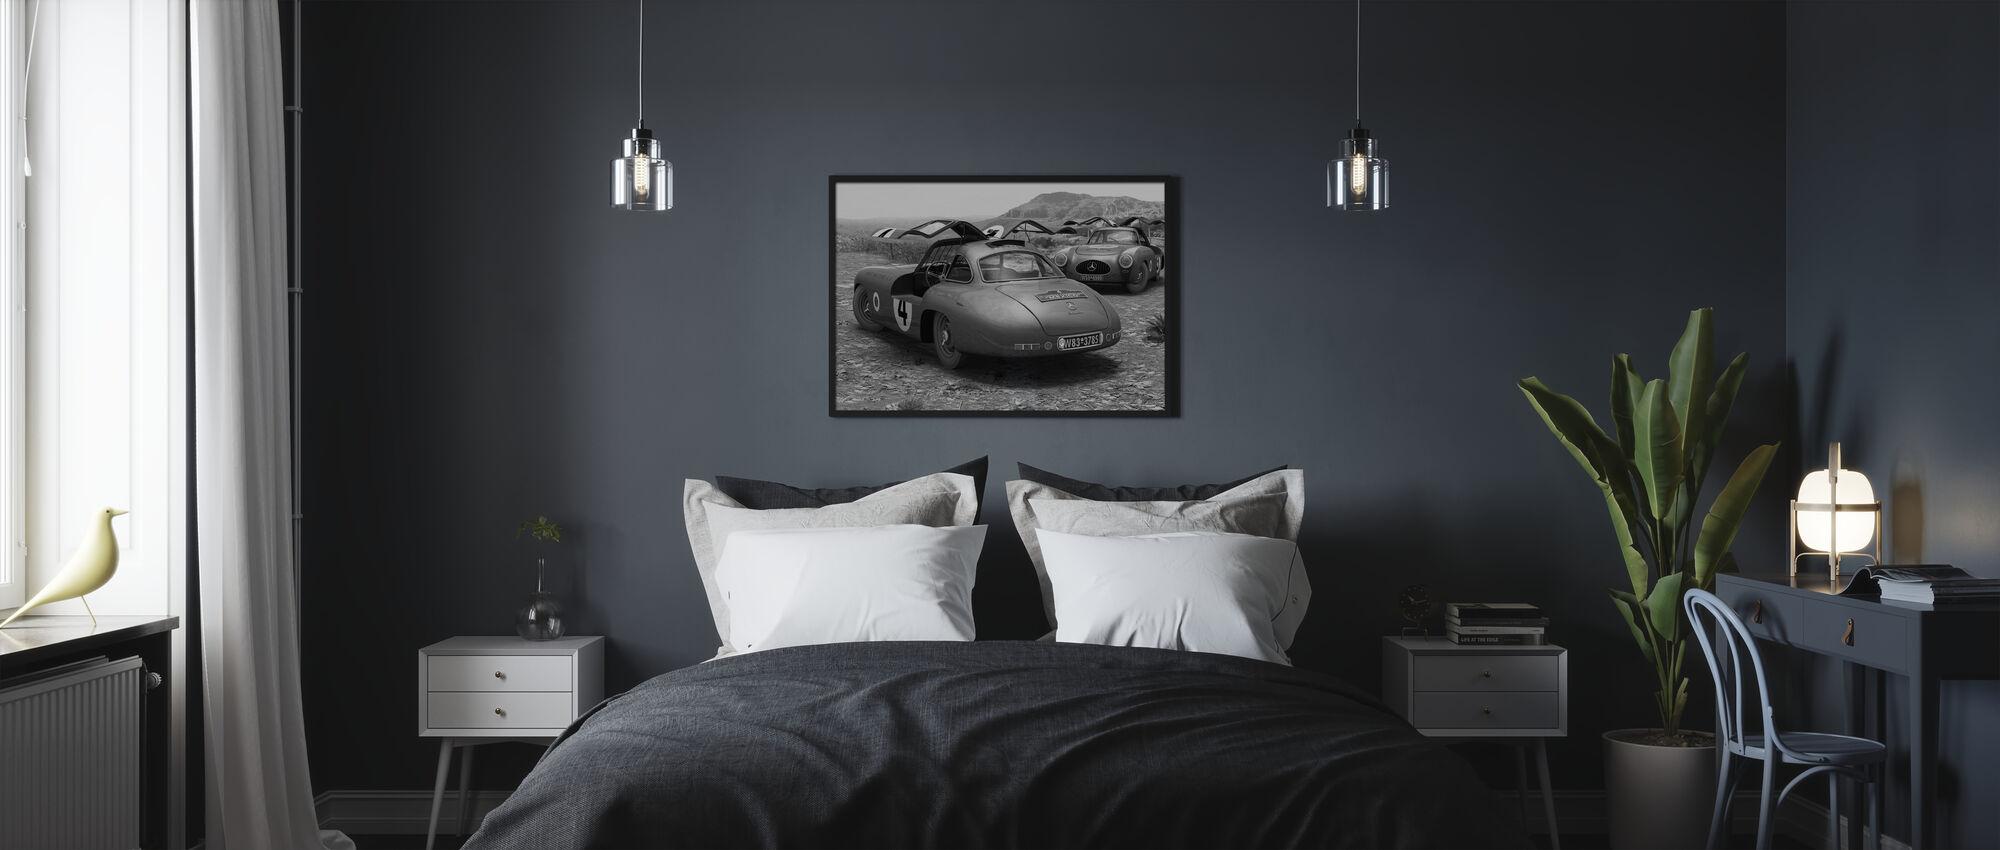 Messico - Poster - Camera da letto